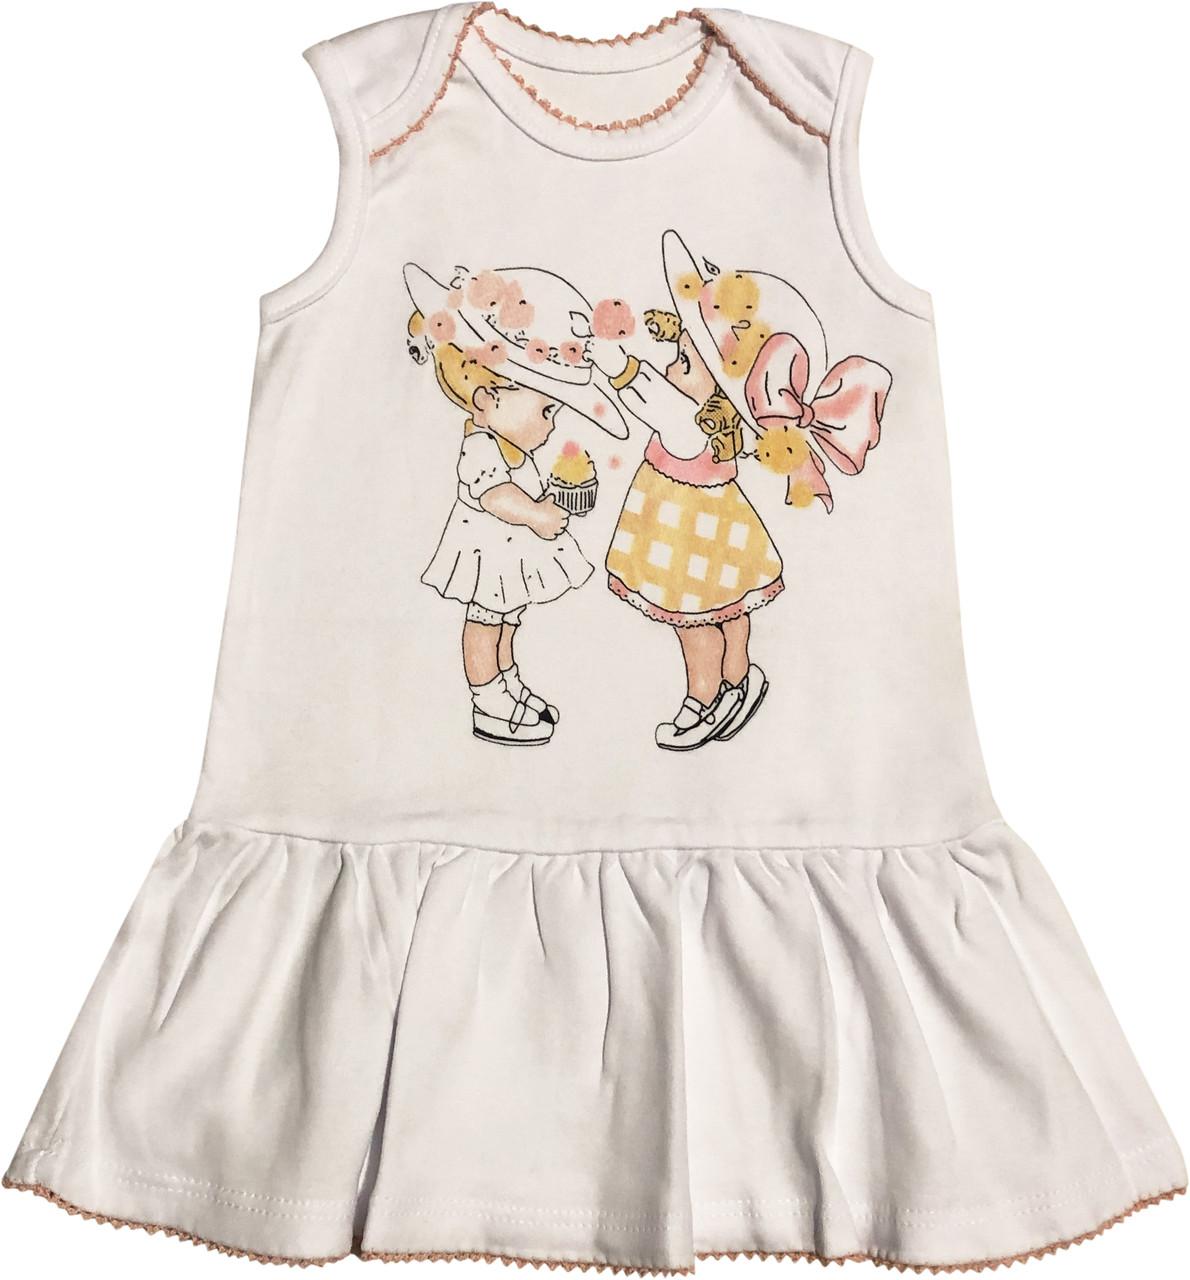 Літнє плаття на дівчинку ріст 80 9-12 міс для новонароджених без рукавів дитячий трикотаж інтерлок літо біле